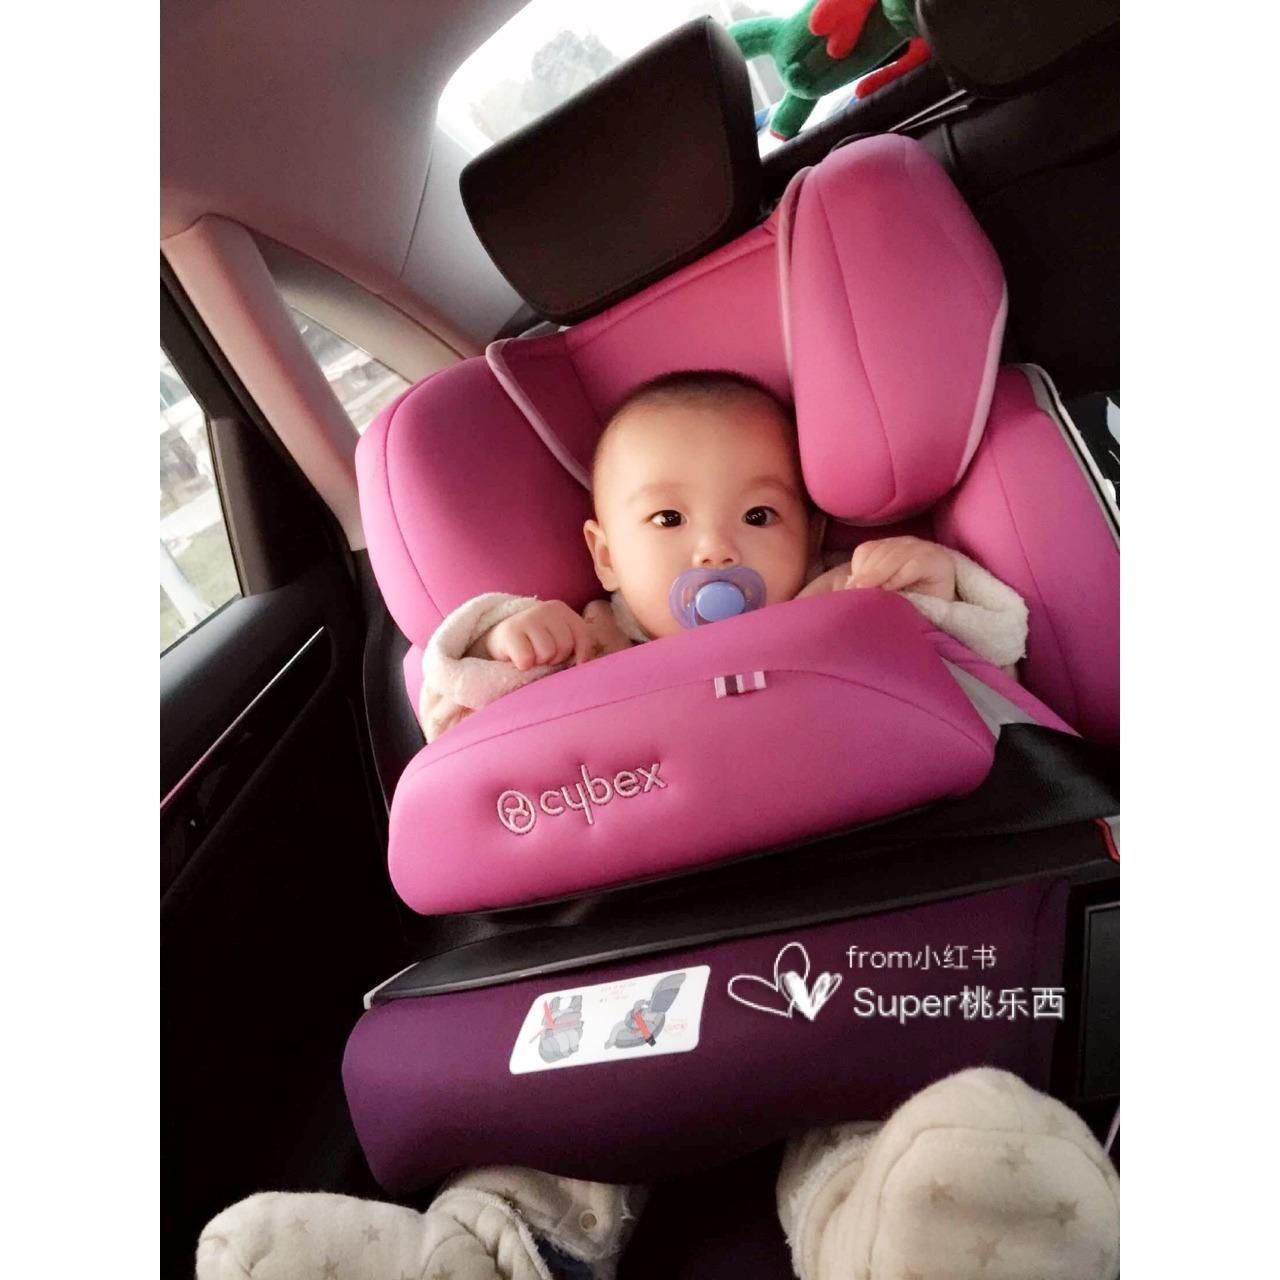 宝宝的安全座椅,小孩子到了可以坐安全椅的月龄一定